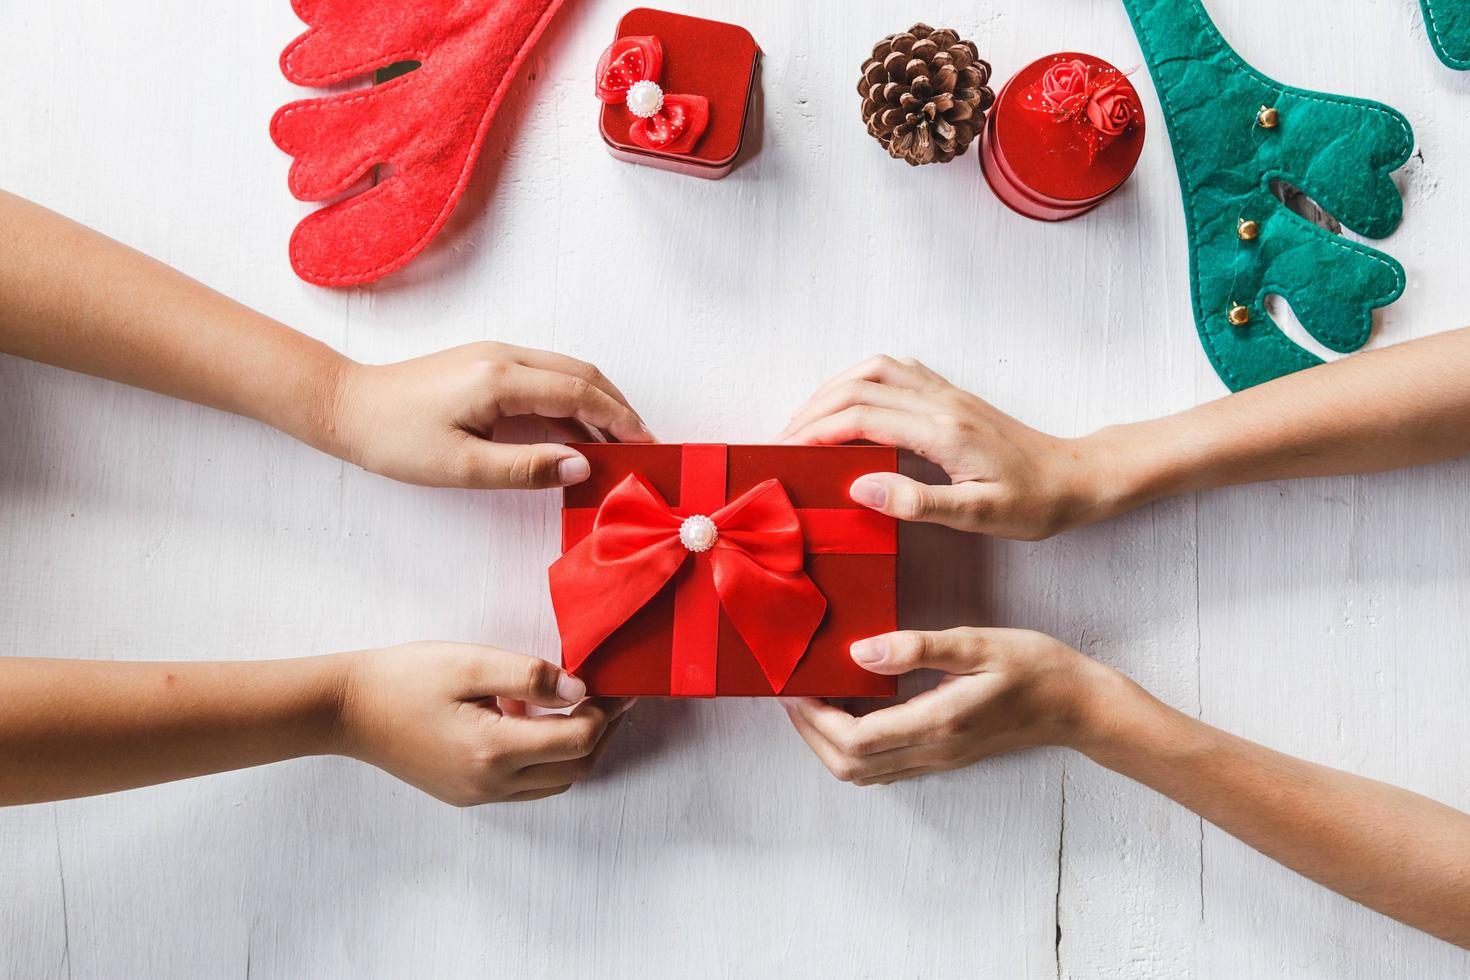 caixa de presente do dia de natal foto